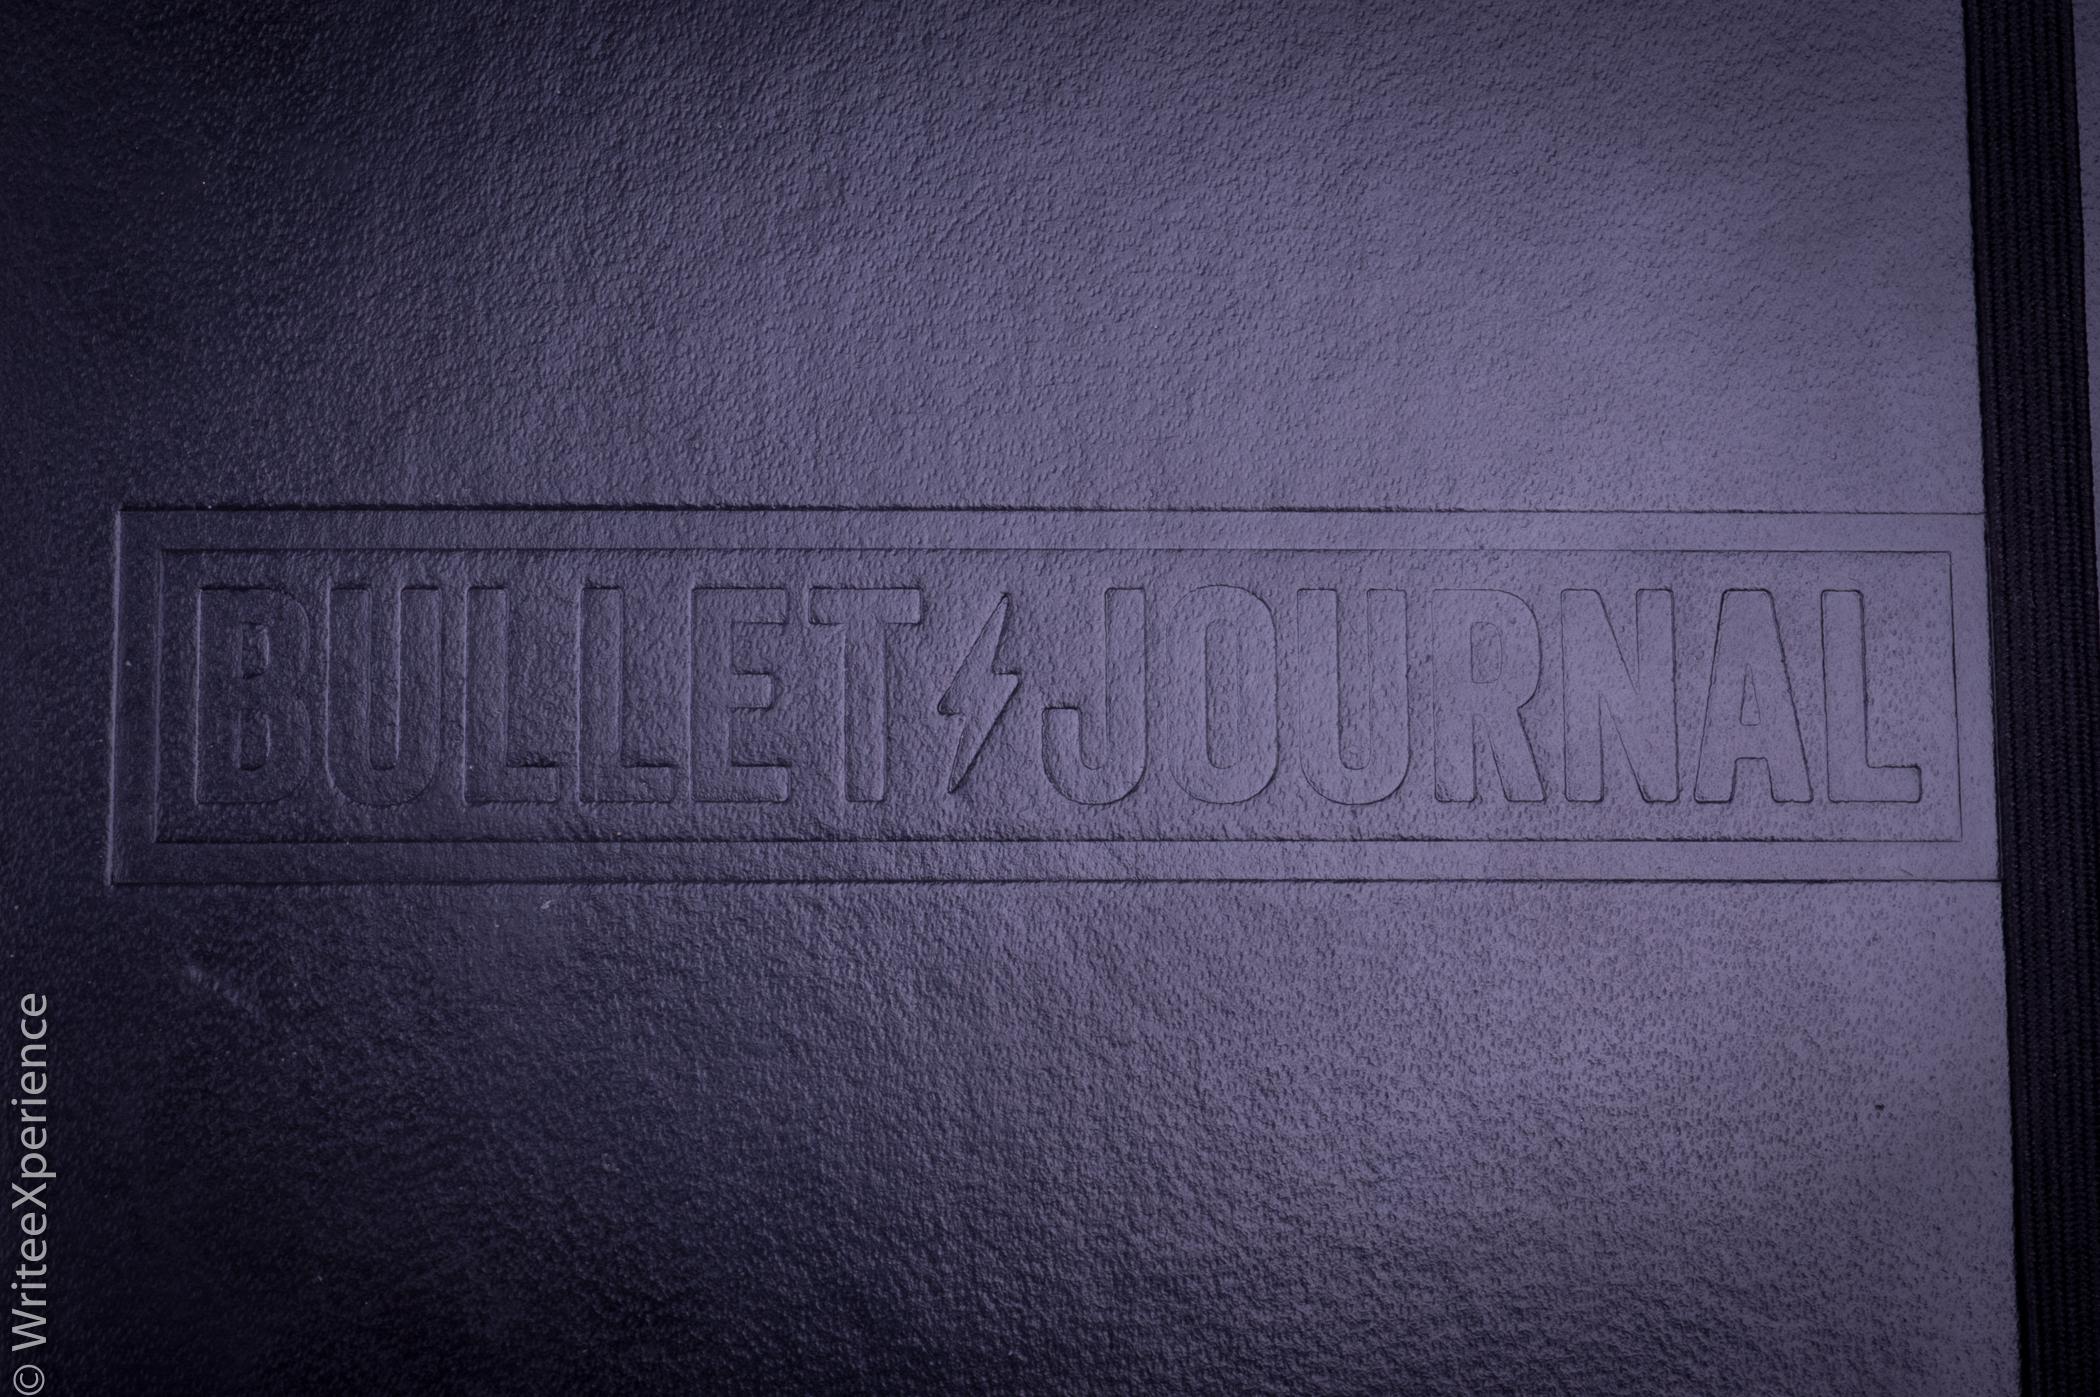 WriteeXperience-Leuchtturm1917-Bullet-Journal-8.jpg